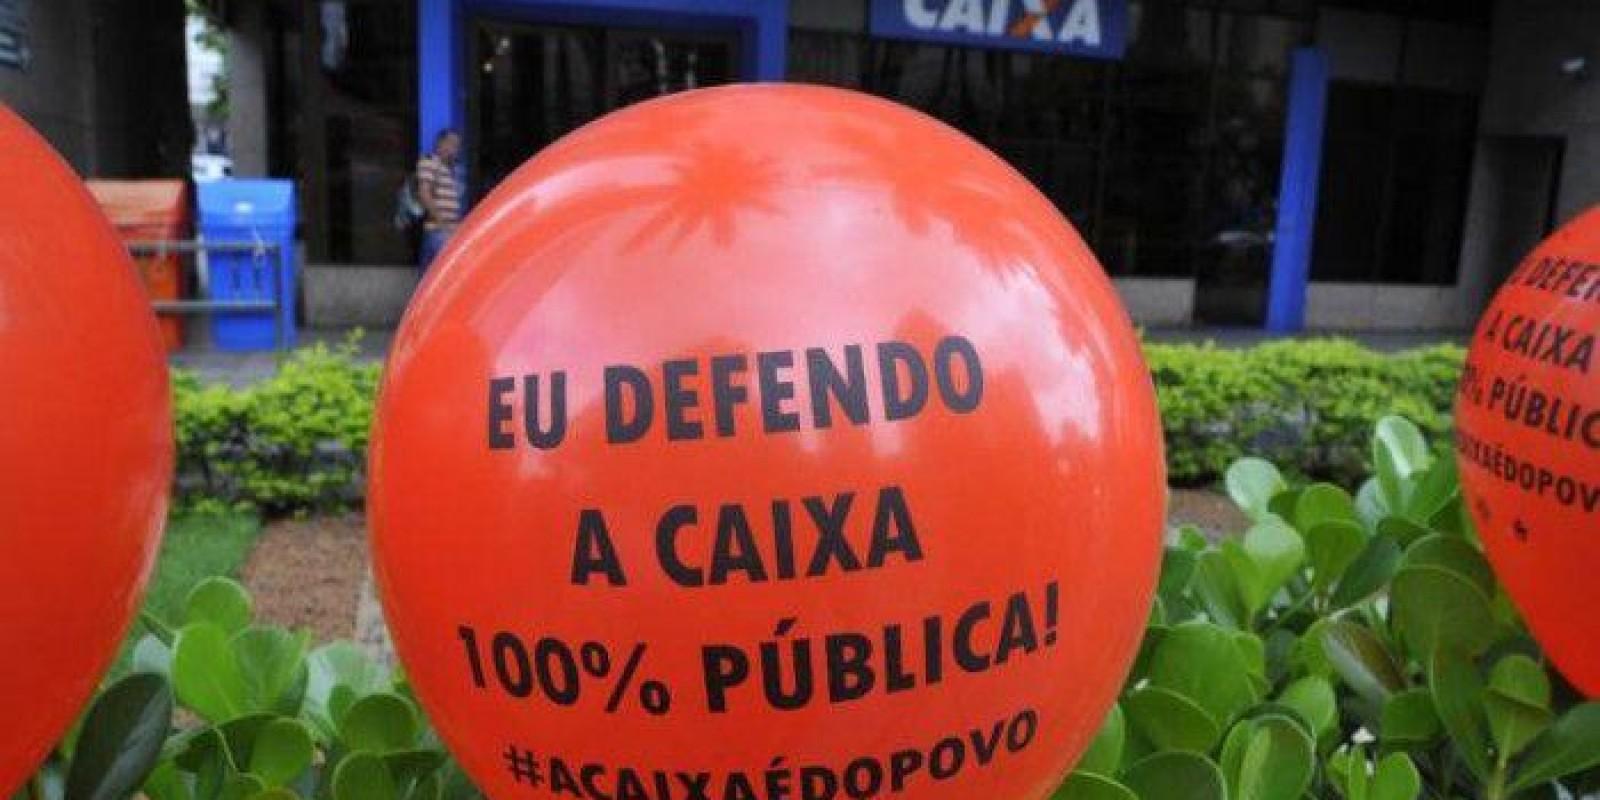 Privatização ameaça Caixa e Banco do Brasil